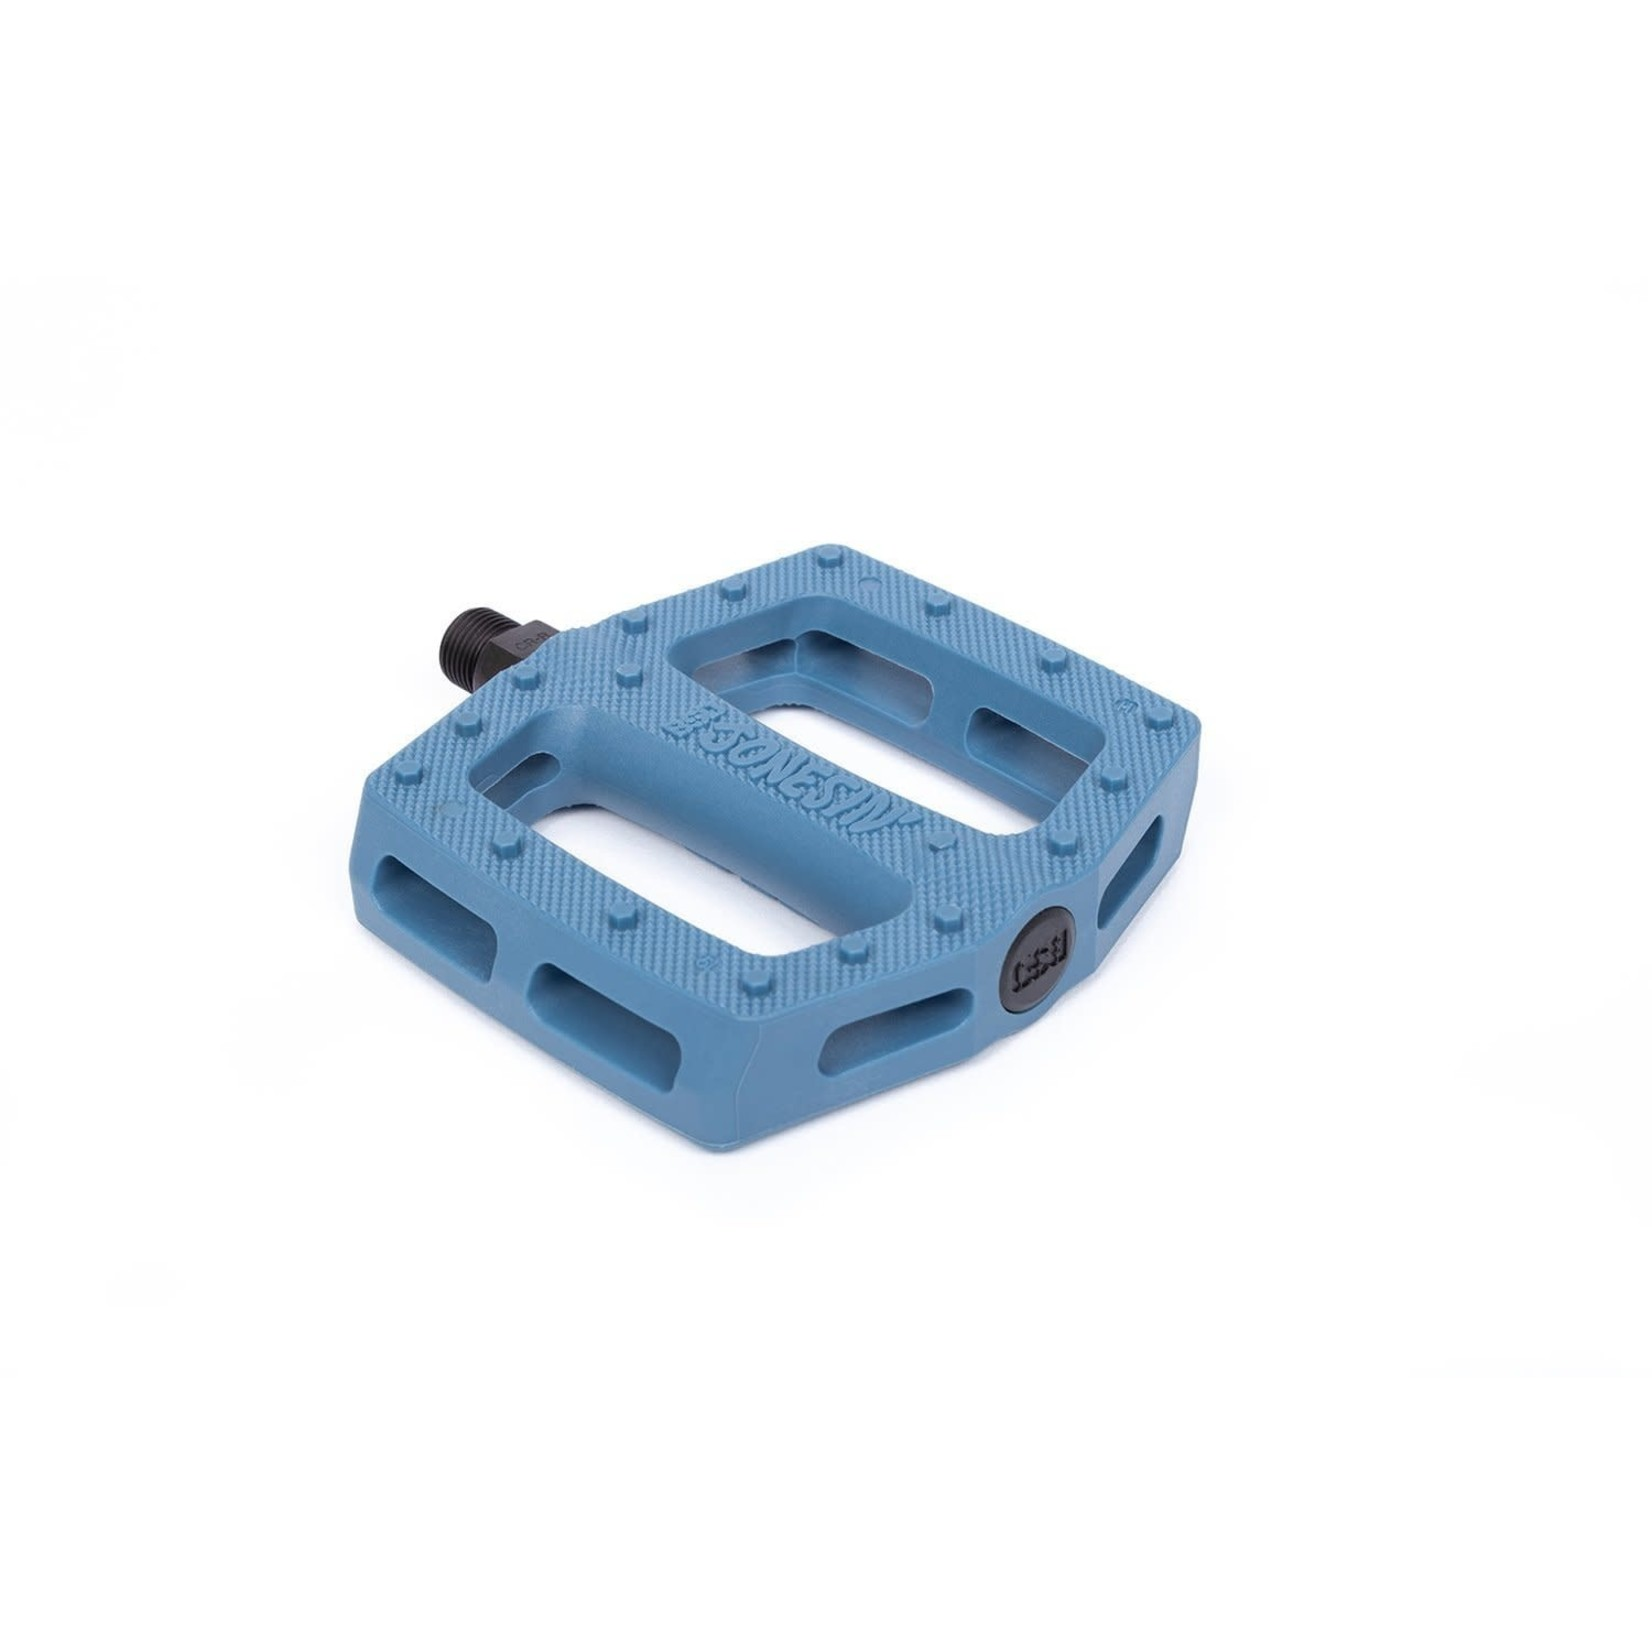 BSD BSD Jonesin' PC Pedals - Steel Blue